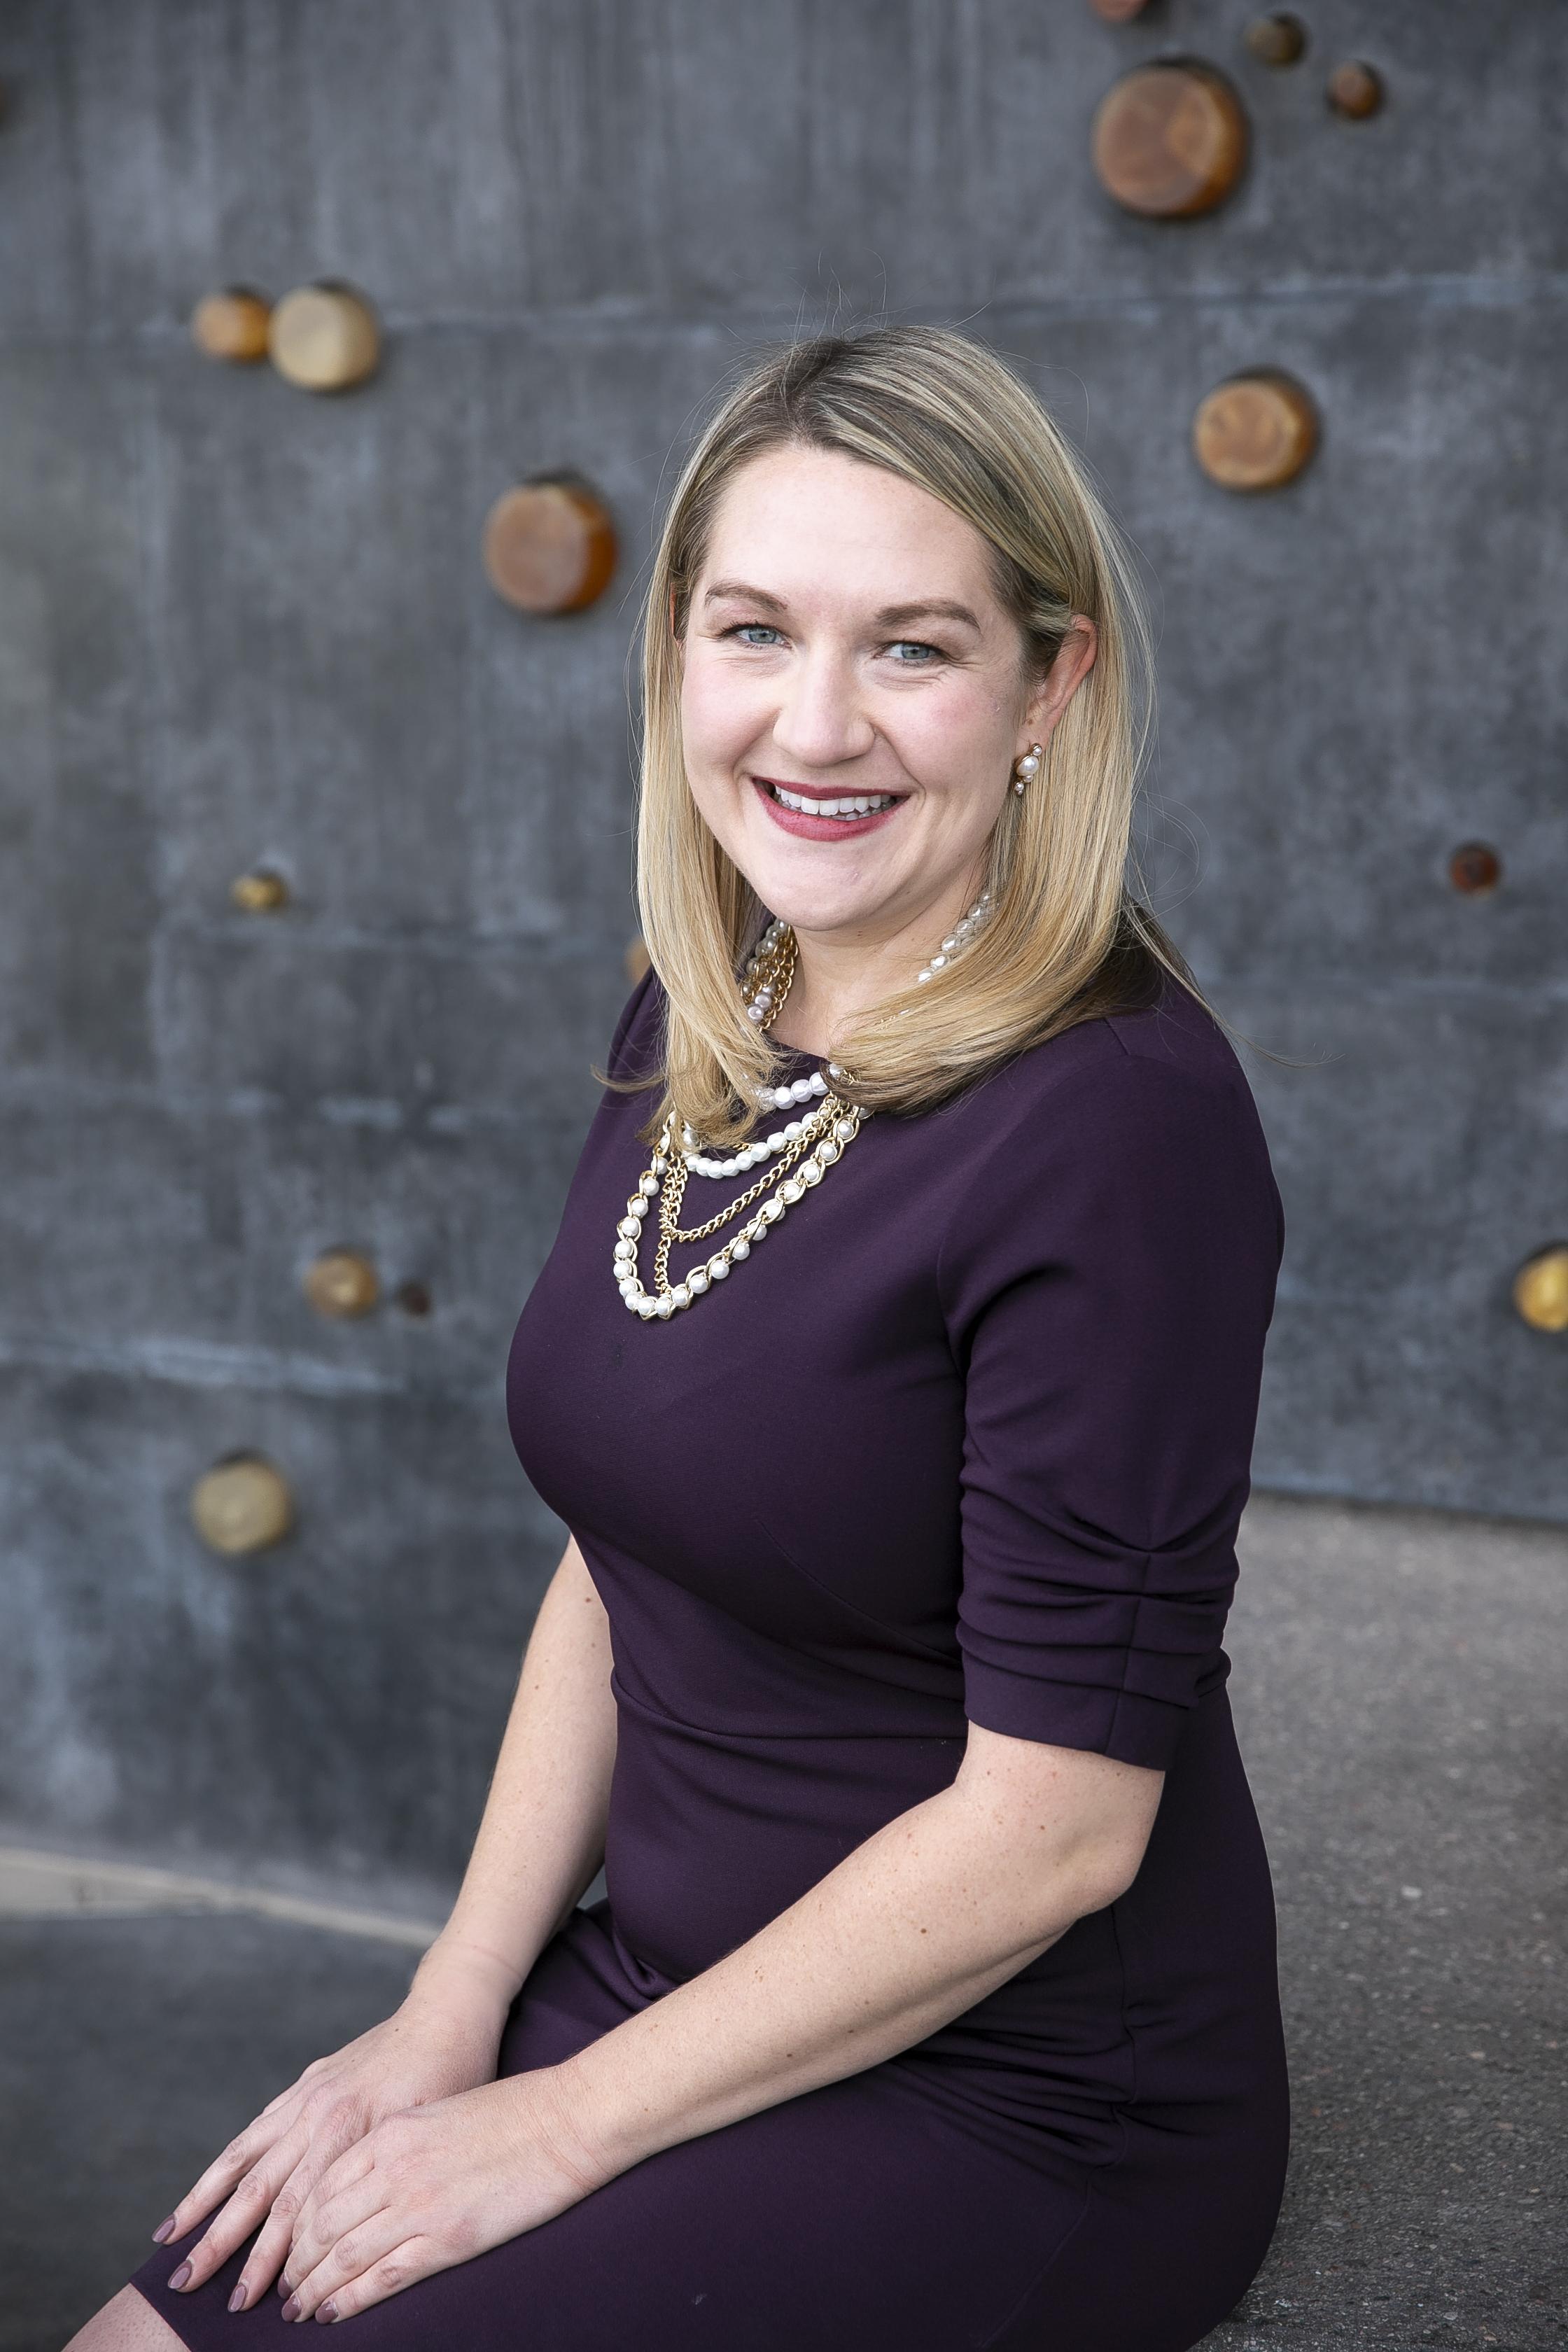 Laura Van Buren